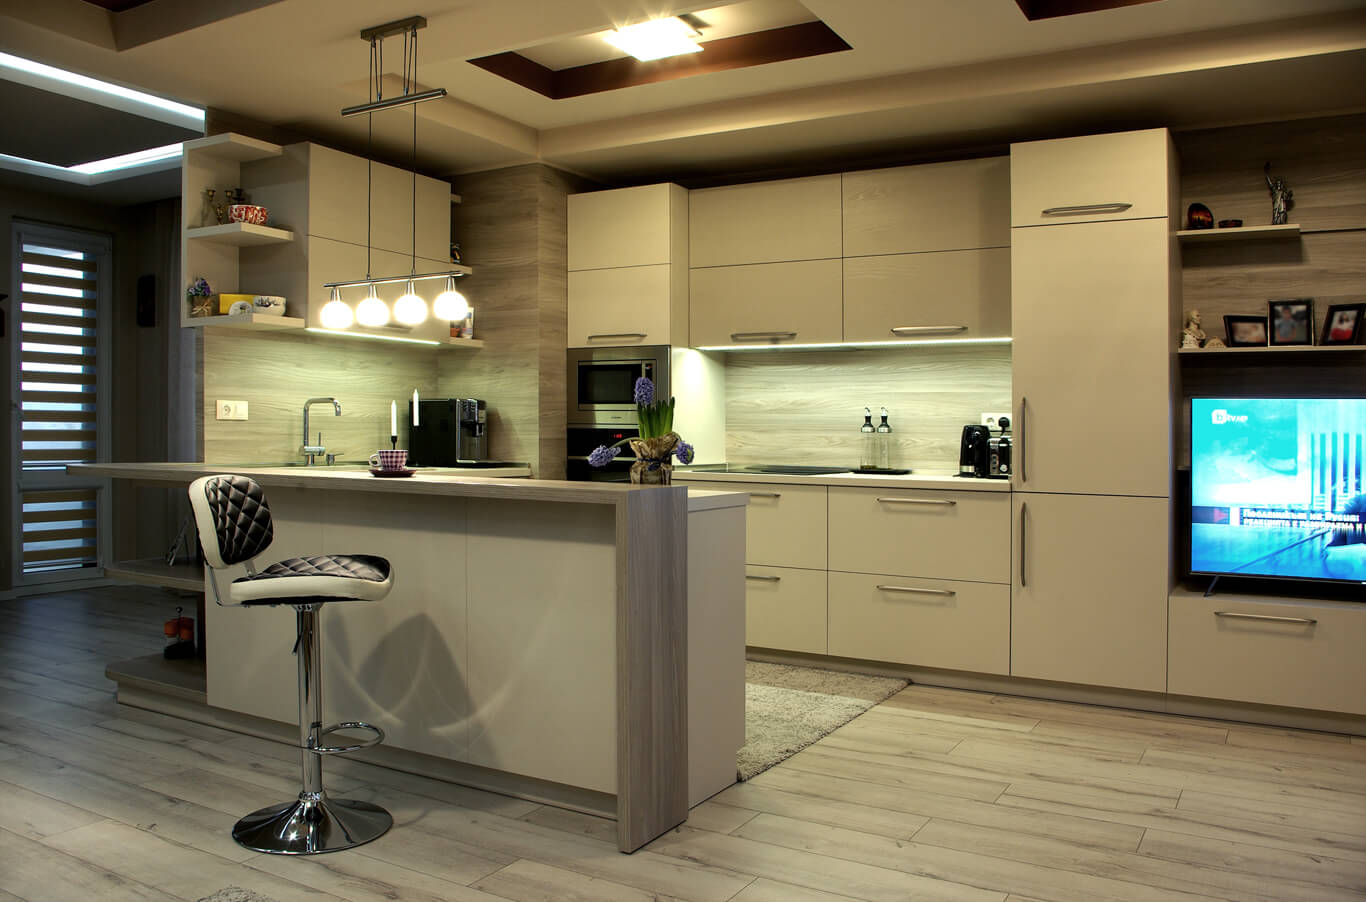 модерен градски интериор на кухня